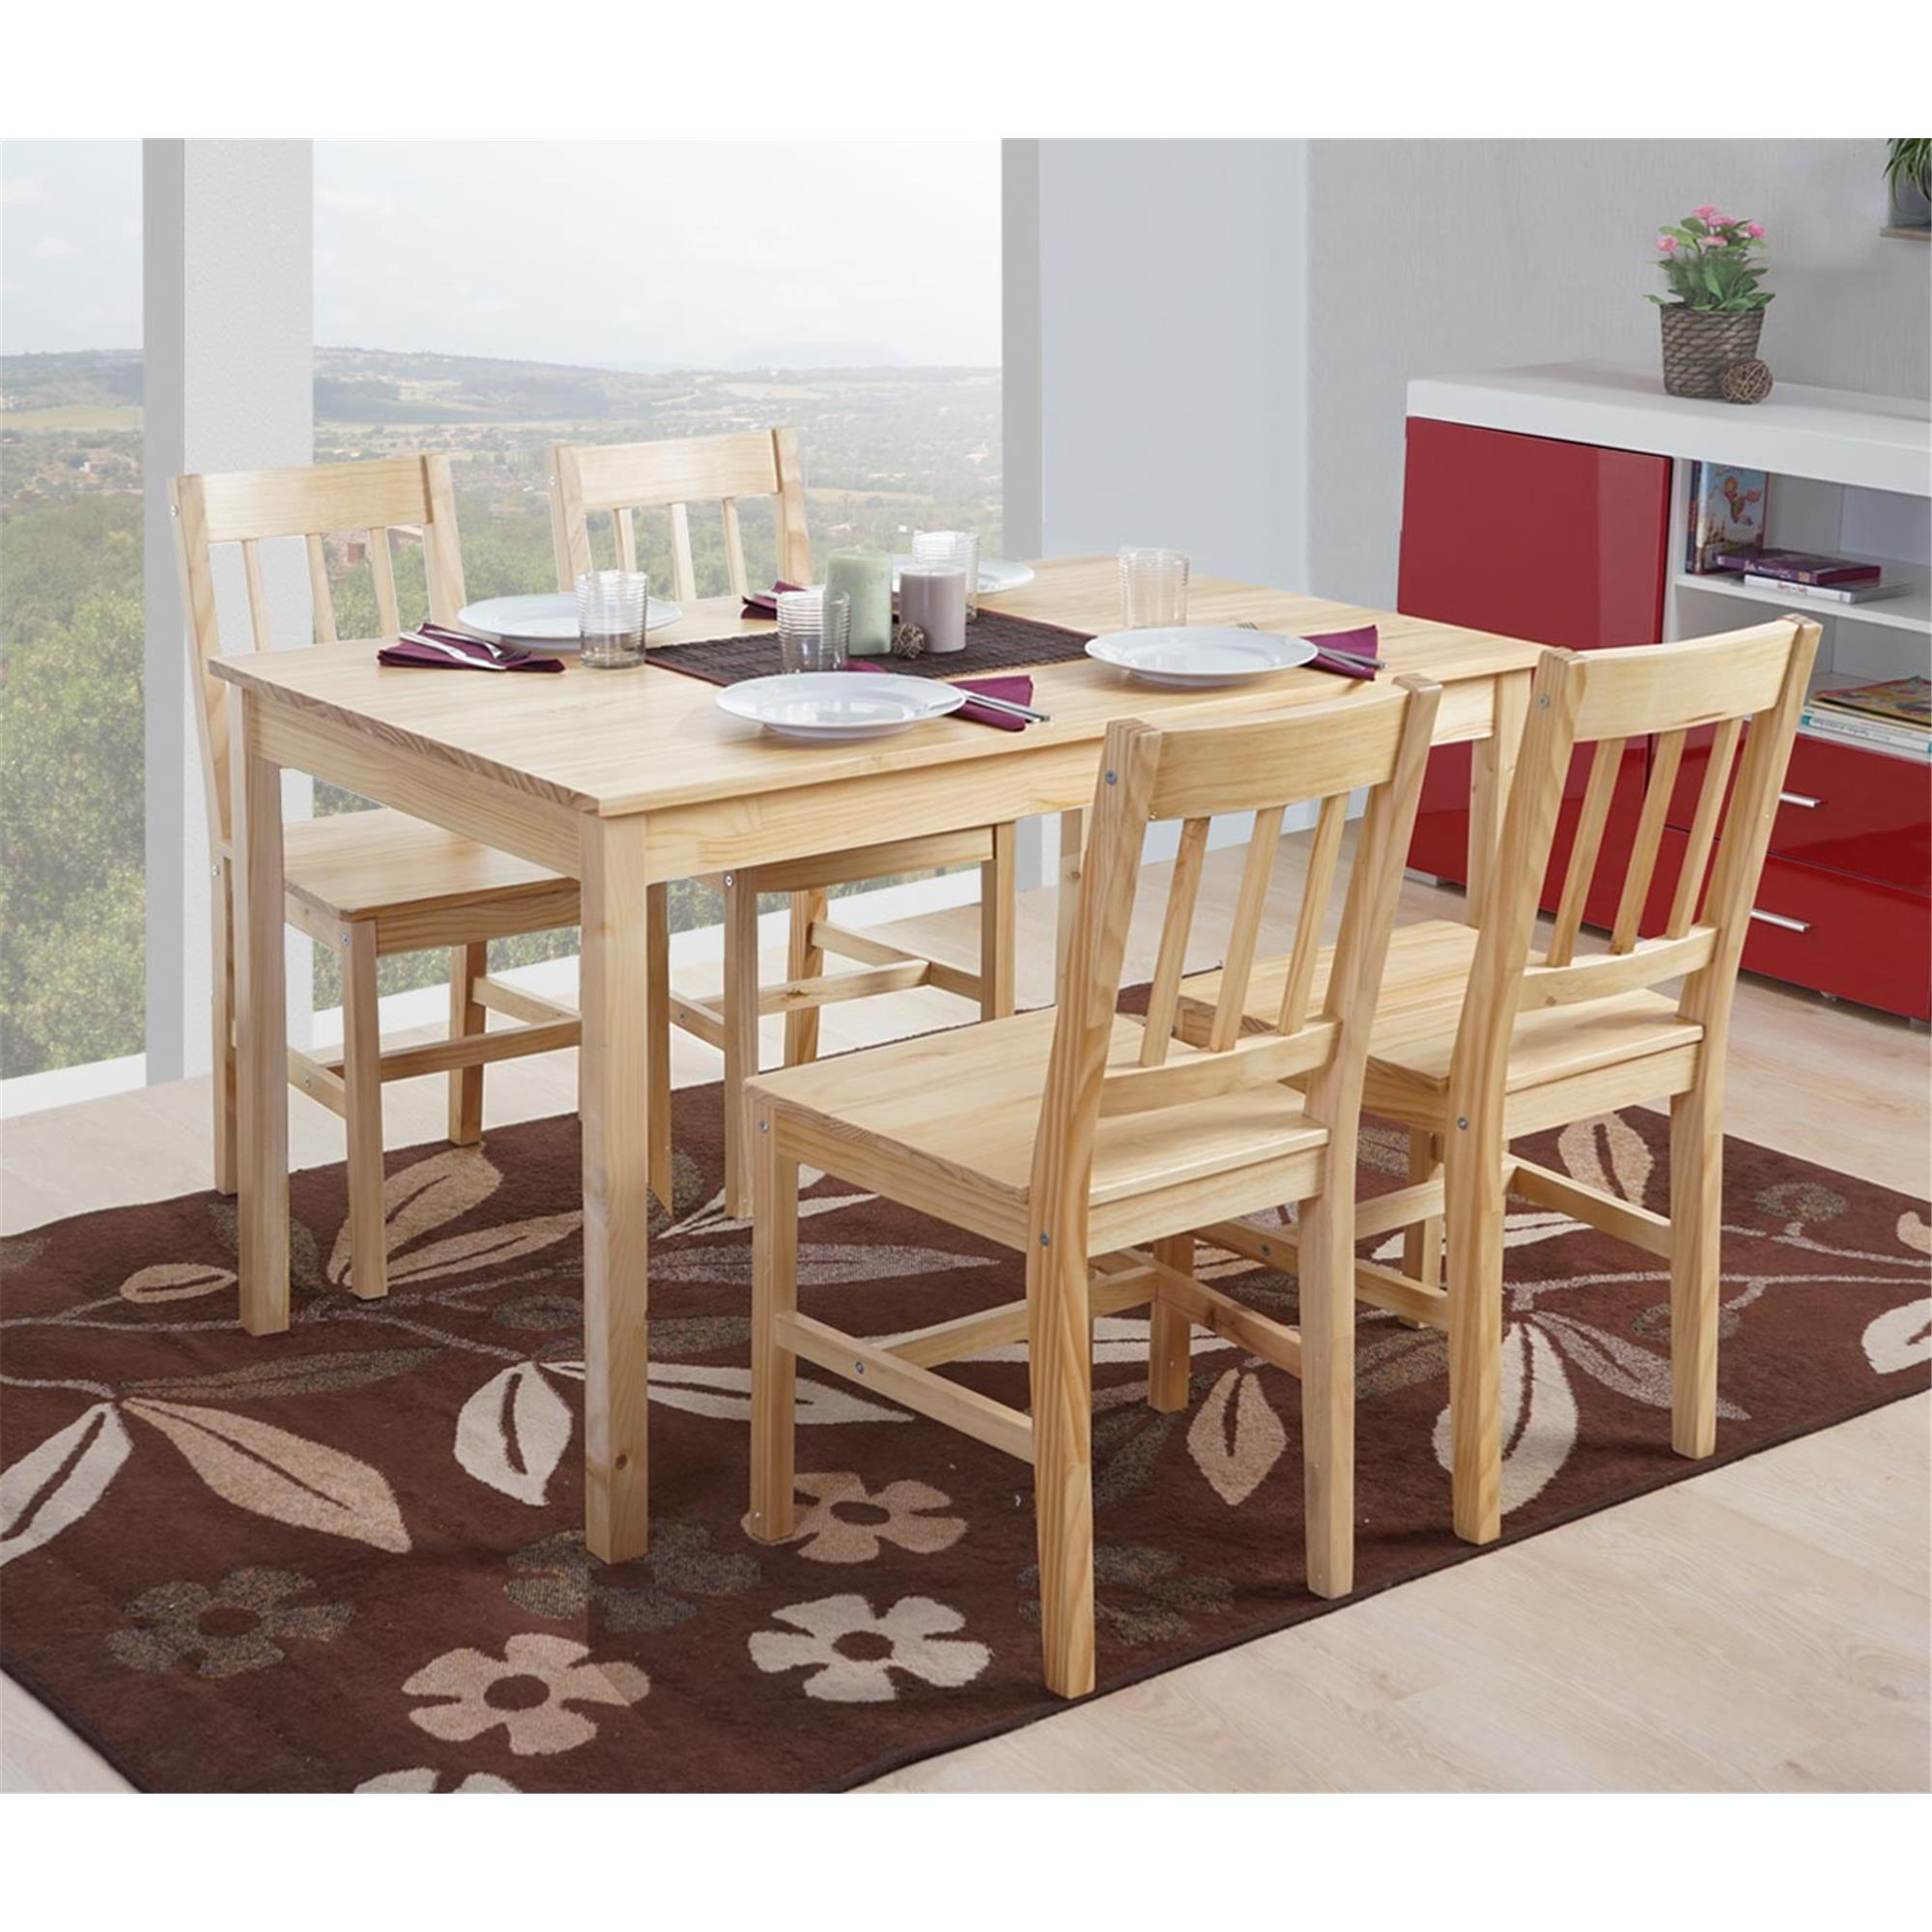 Lote 4 sillas de cocina o comedor nerja en marr n haya for Comedor 4 sillas madera